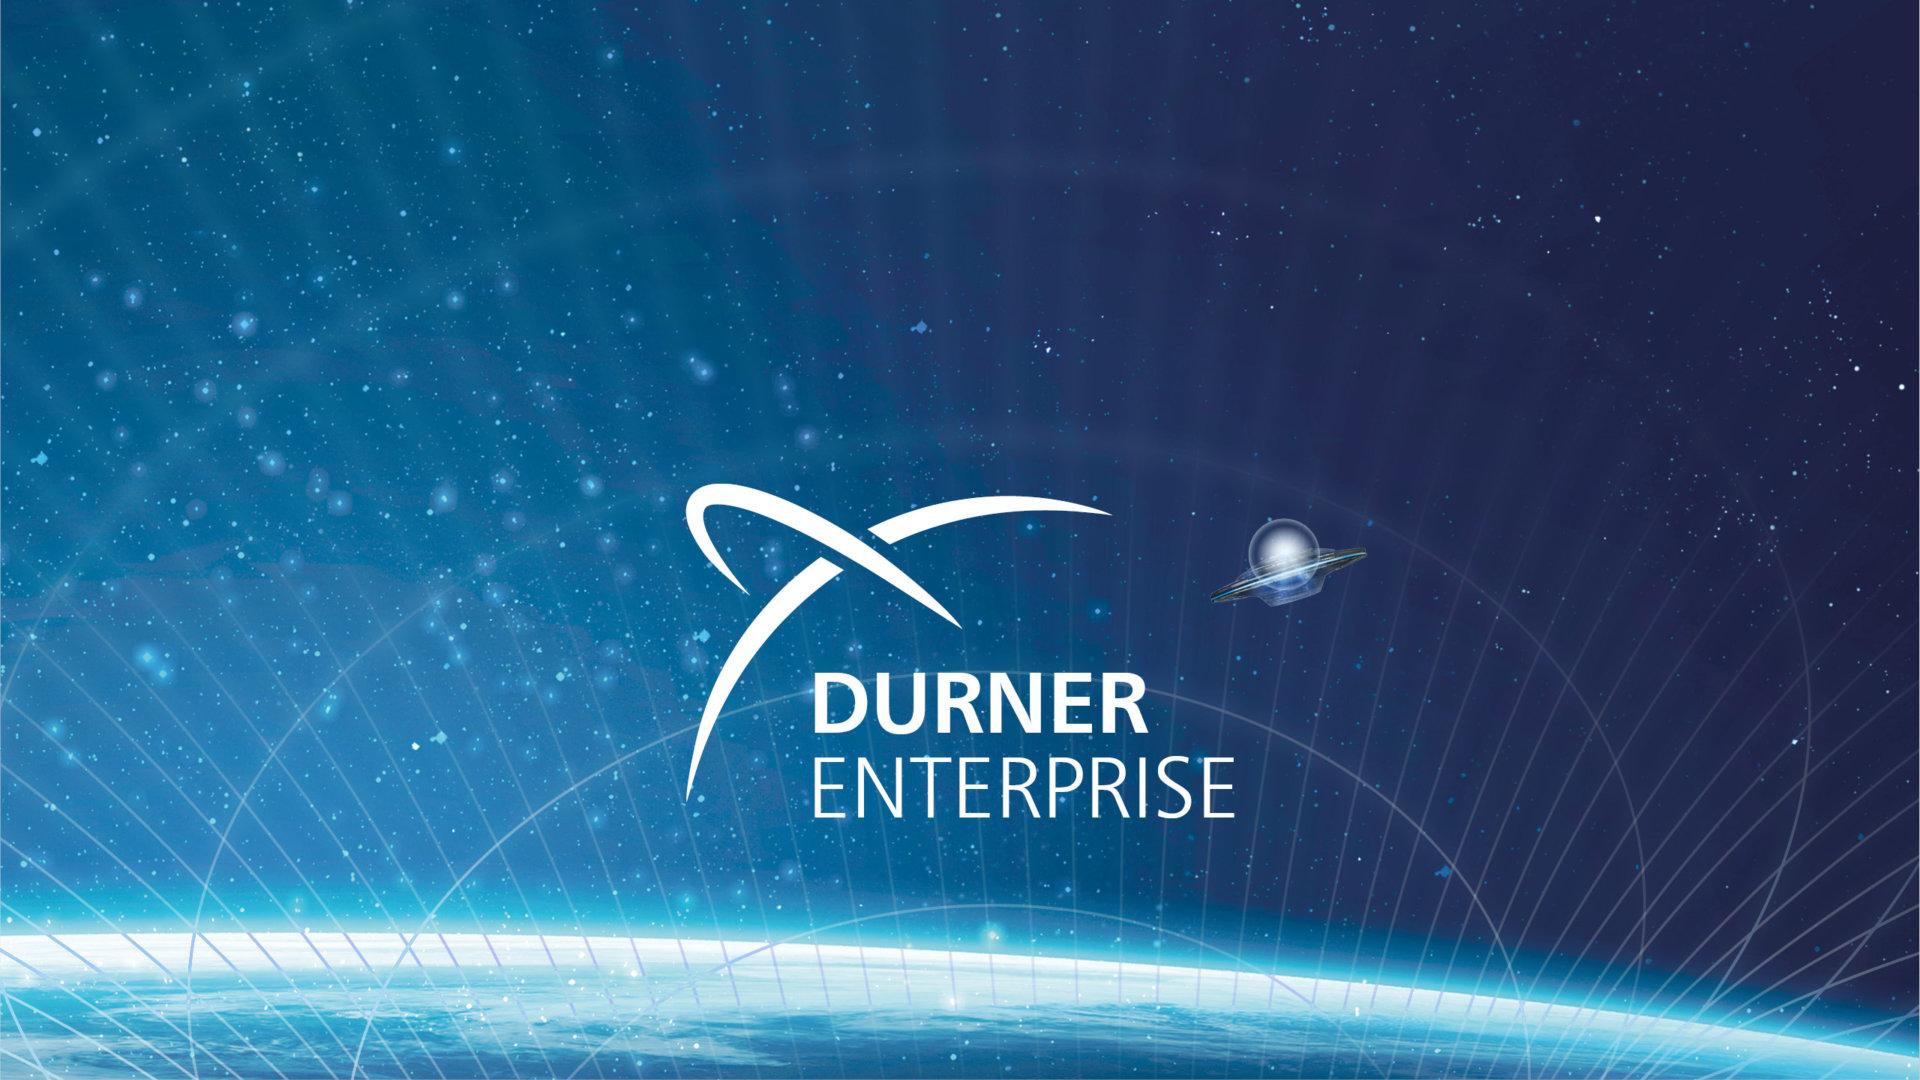 Durner – Hausmesse Durner Enterprise